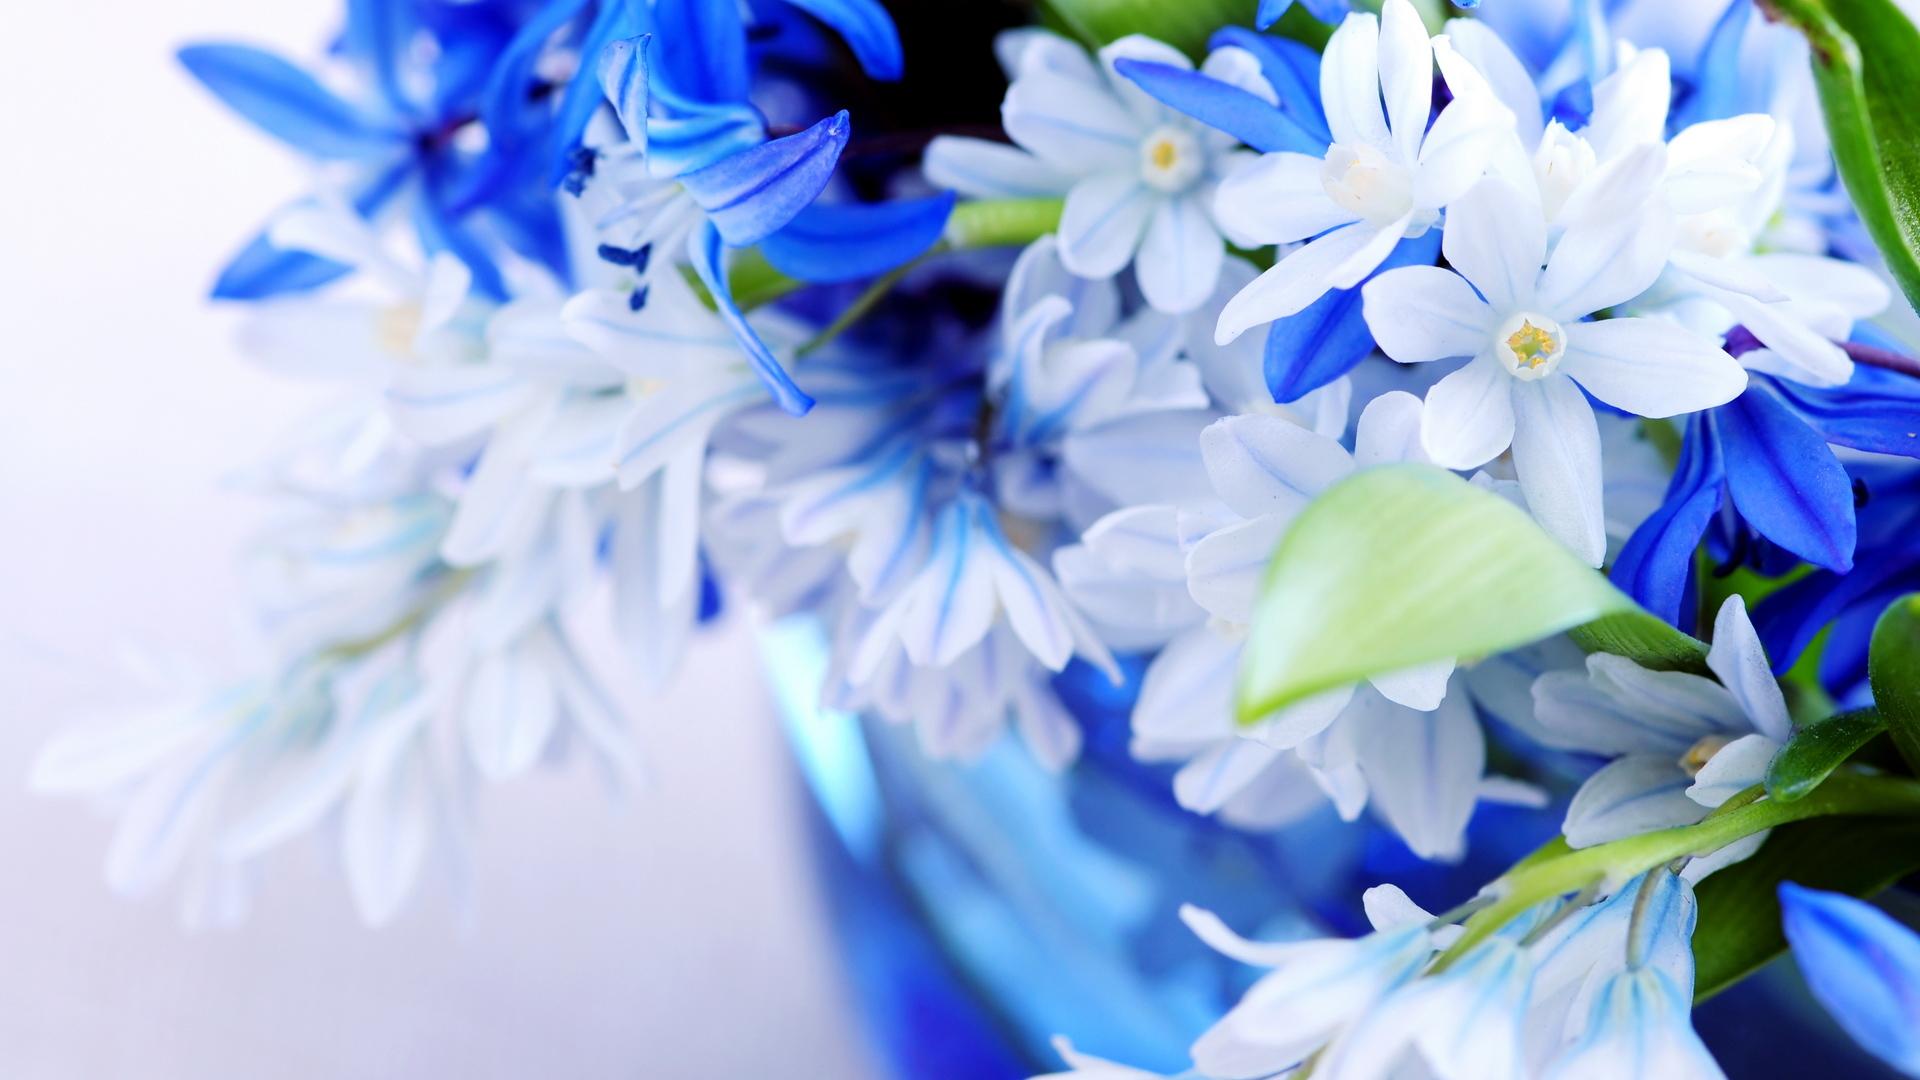 природа синие цветы nature blue flowers  № 1376512 загрузить